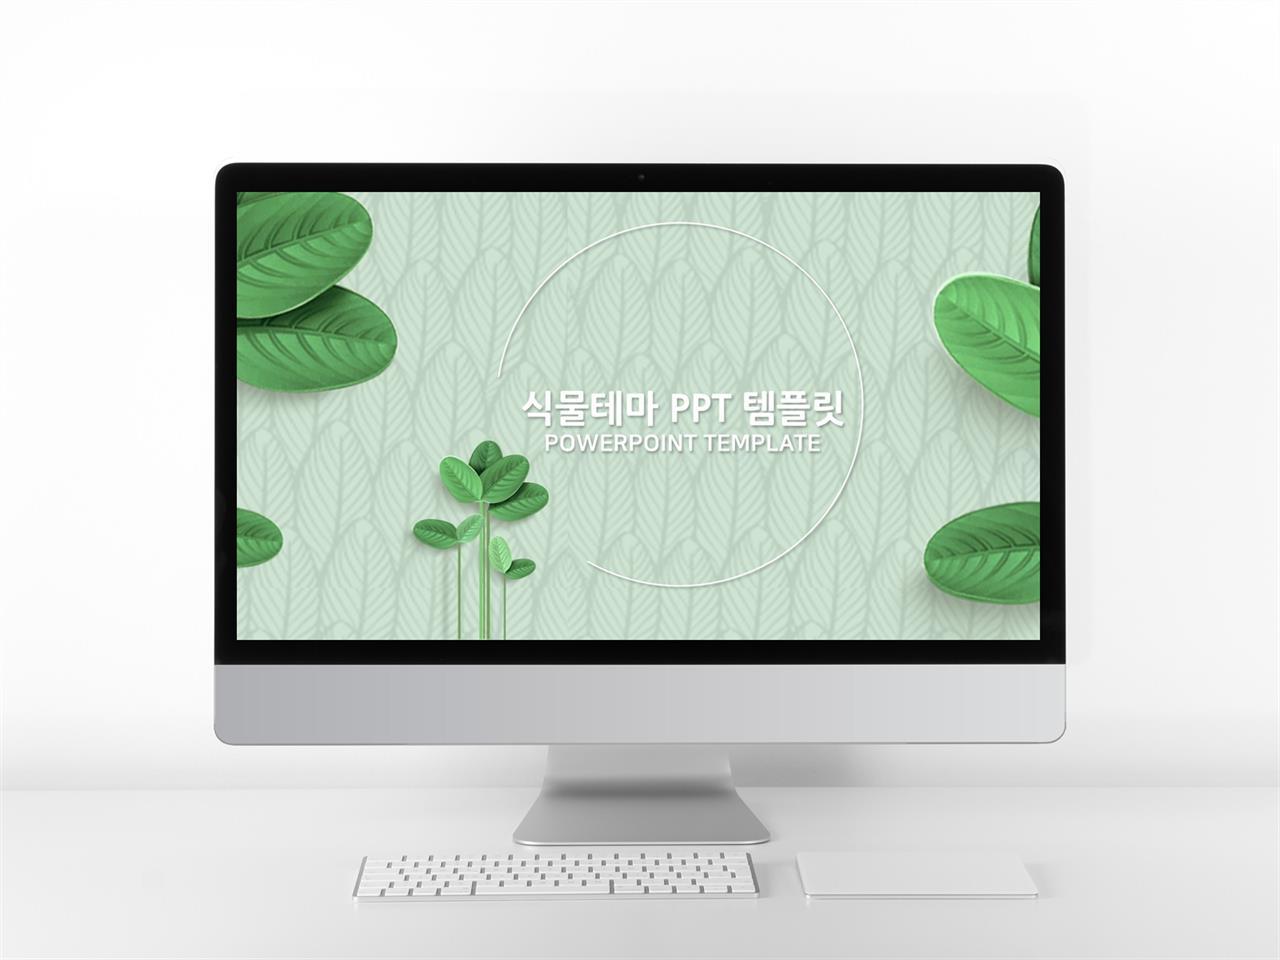 화초, 동식물 풀색 단정한 마음을 사로잡는 파워포인트탬플릿 다운 미리보기